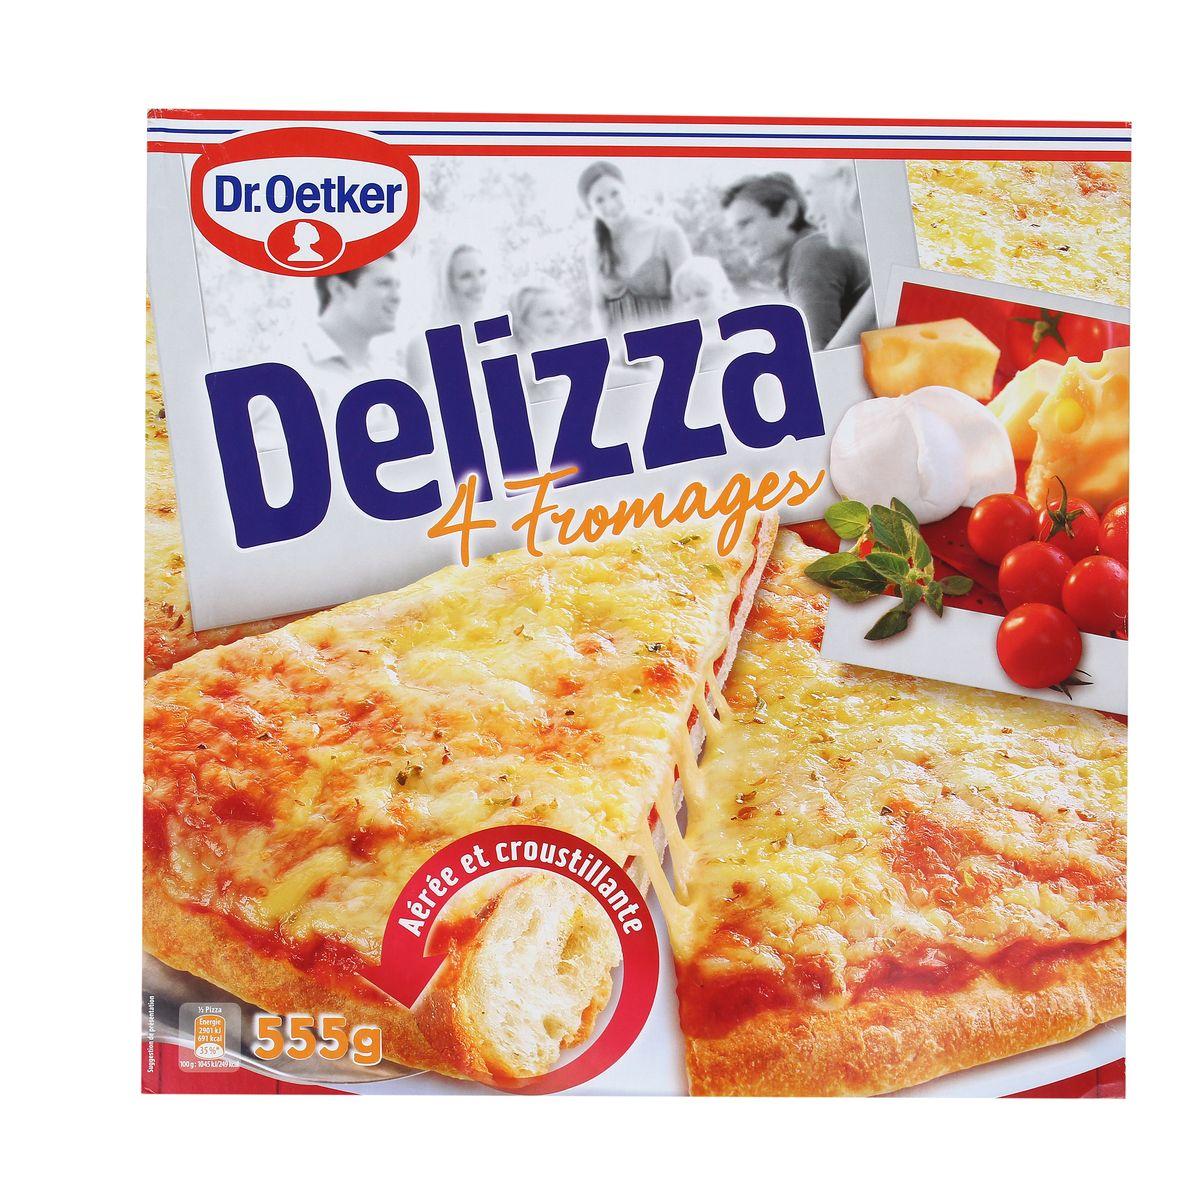 Pizza Delizza 4 Fromages, Dr Oetker surgelé (555 g)